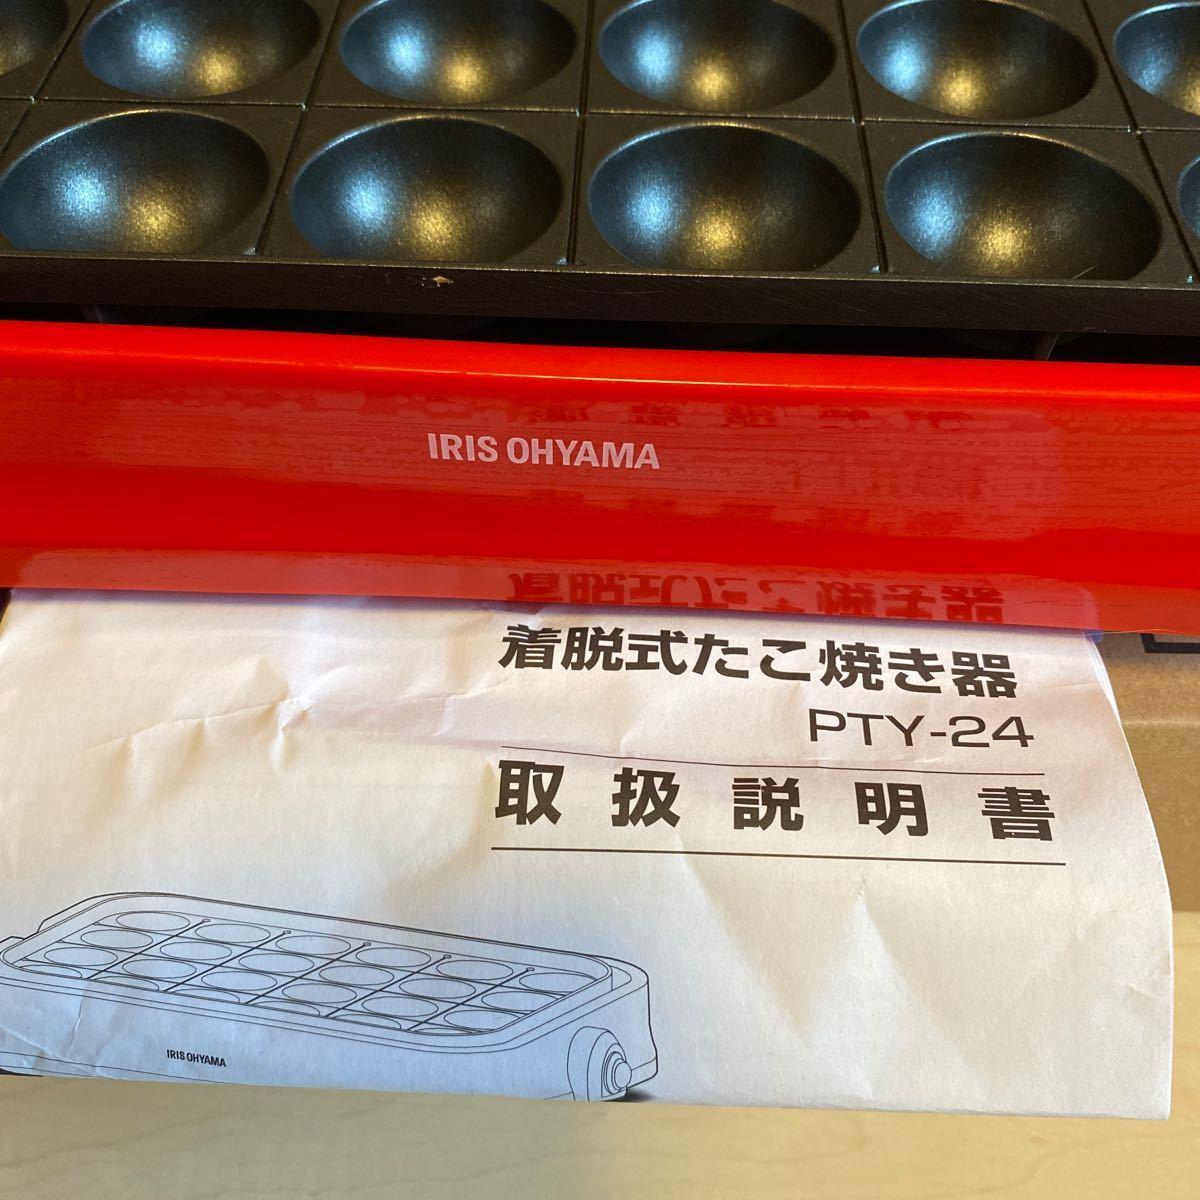 たこ焼き器 アイリスオーヤマ